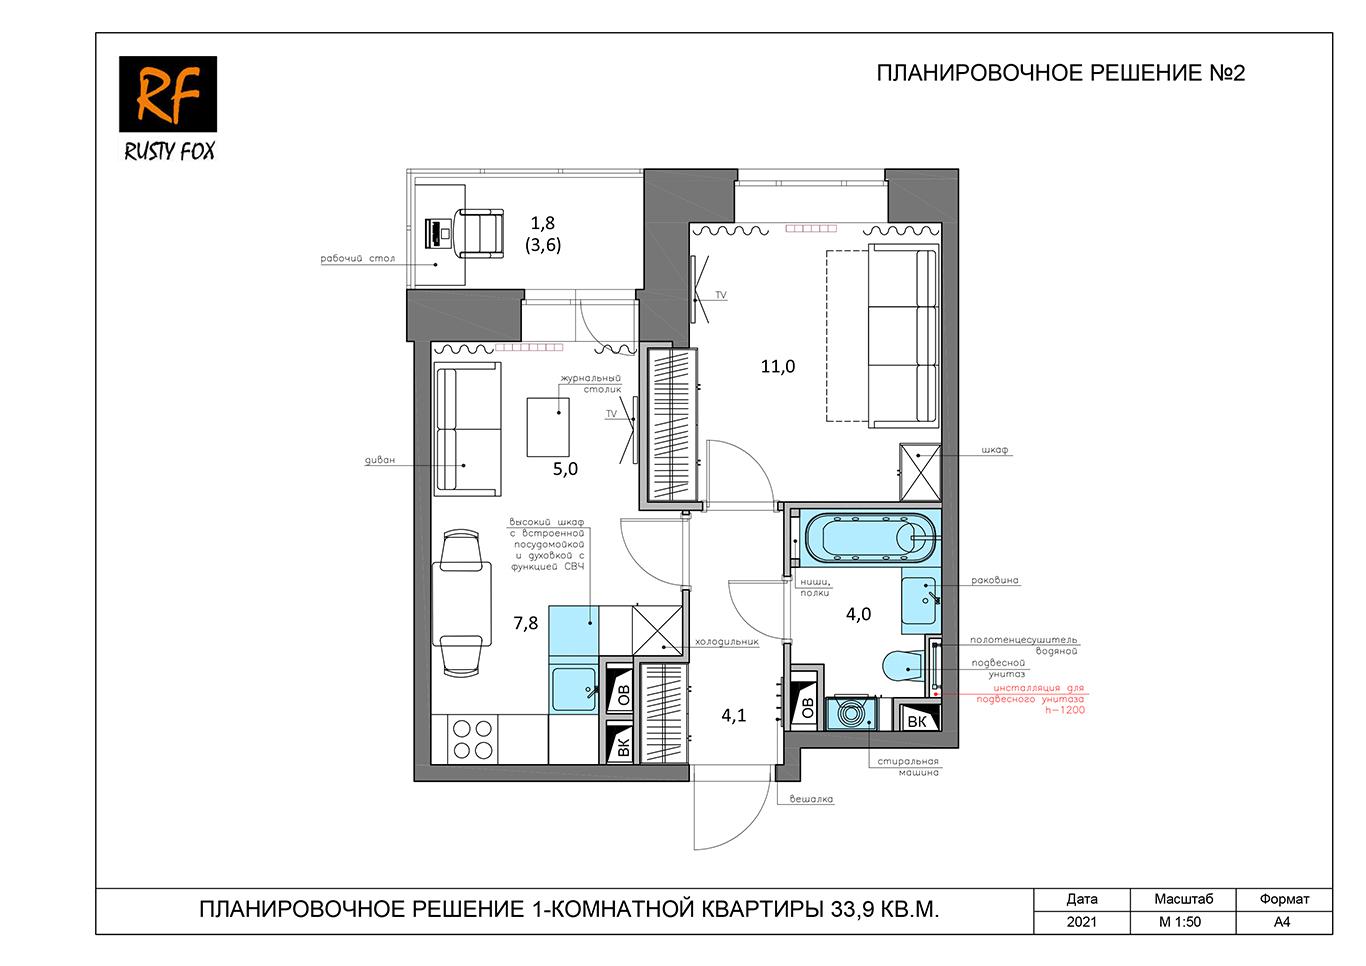 ЖК Люберцы корпус 52, секция 1. Планировочное решение №2 1-комнотной квартира 33,9 кв.м.